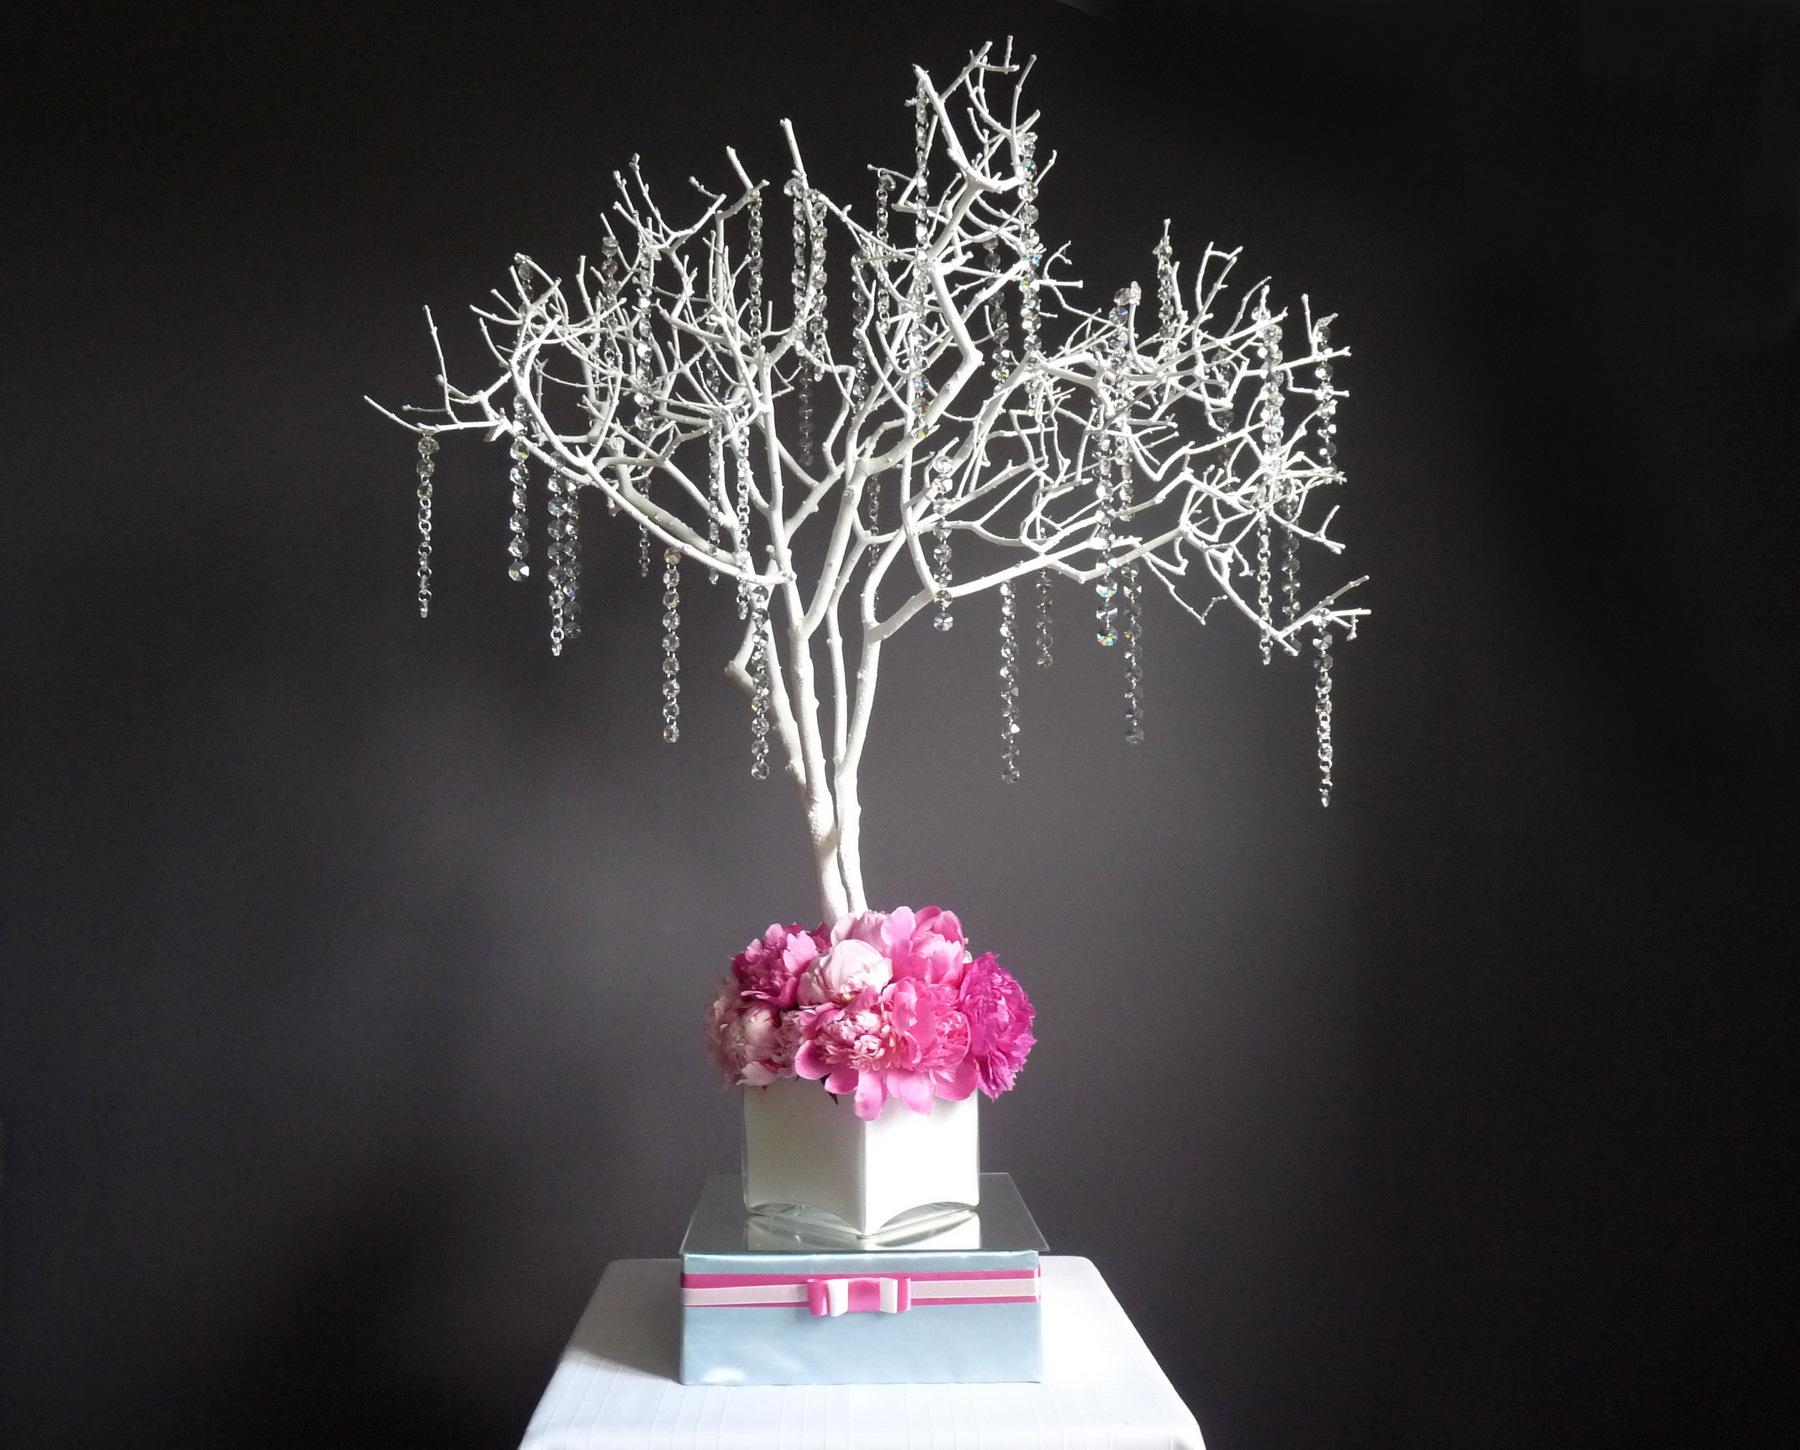 Dekoracja ślubna Wesele Dekoracyjne Białe Drzewko